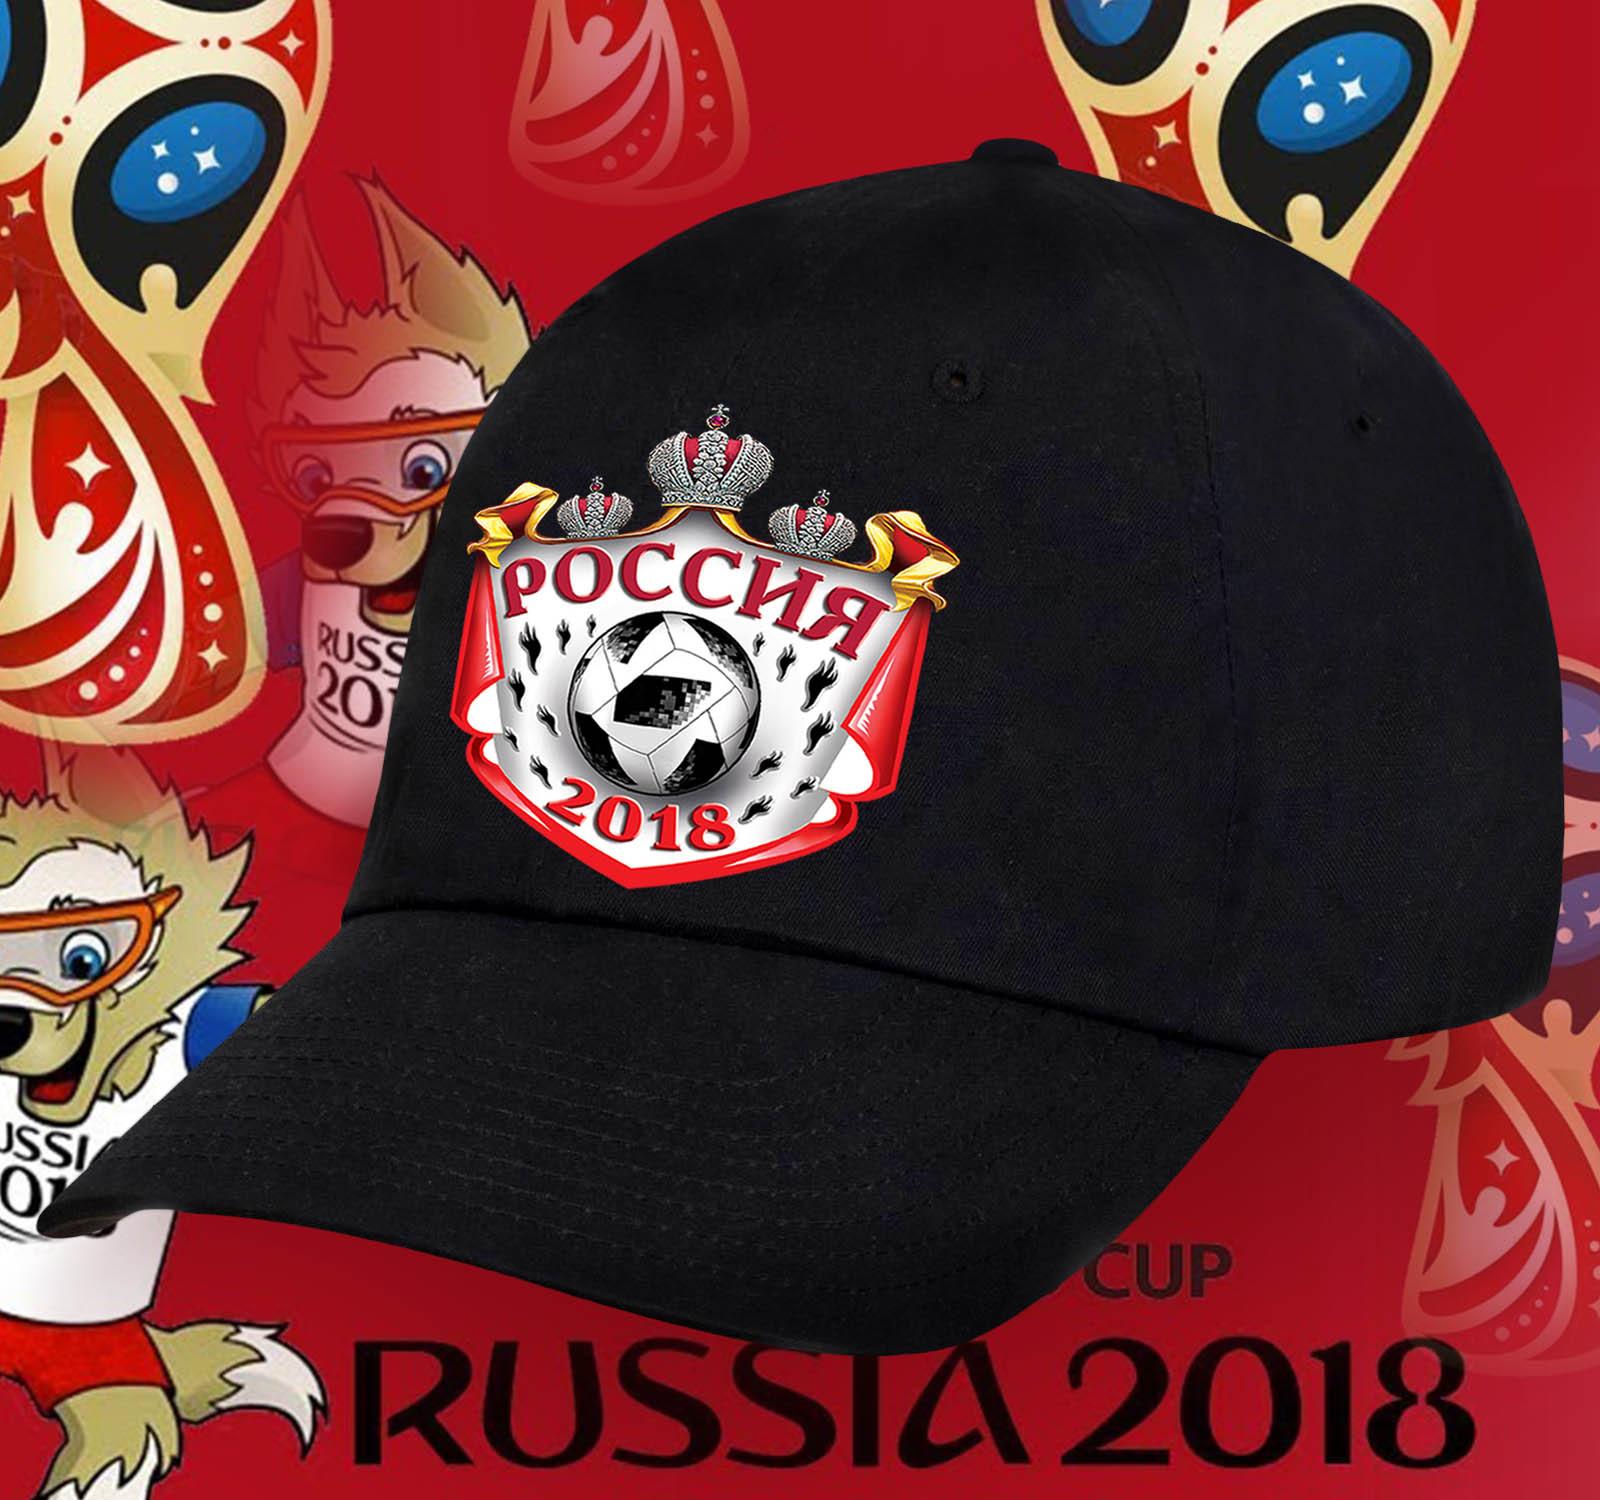 Бейсболка Россия.